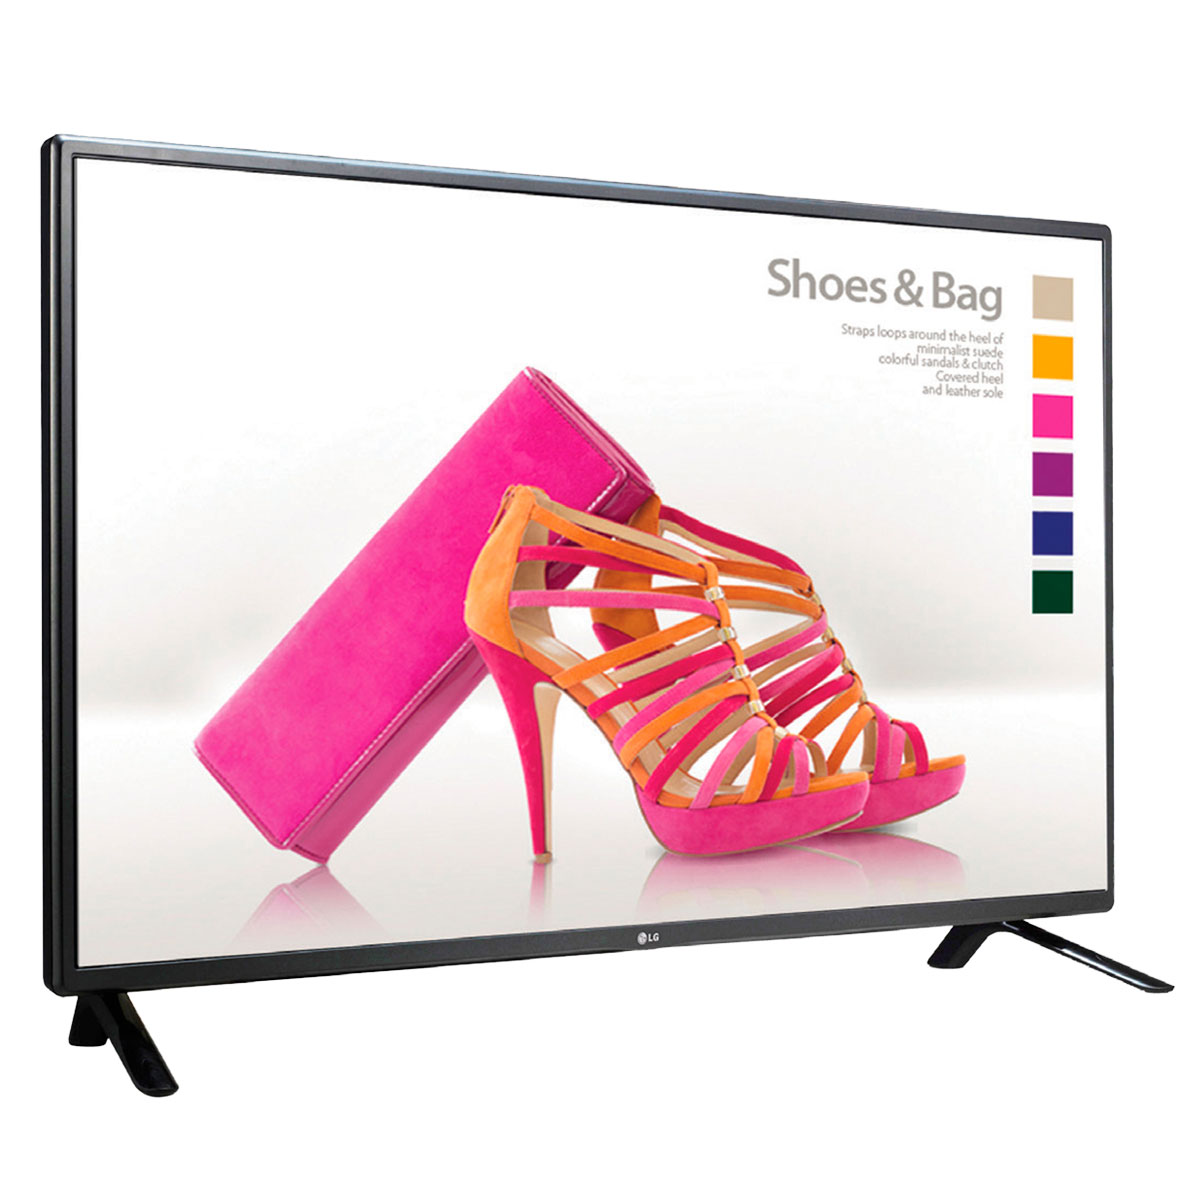 Ecran dynamique LG 47LS33A  Moniteur LED Full HD 1920 x 1080 pixels - 11 ms - Format large 16:9 - IPS - 300cd/m² - Bord fin 13.3mm - Noir (sans pieds)